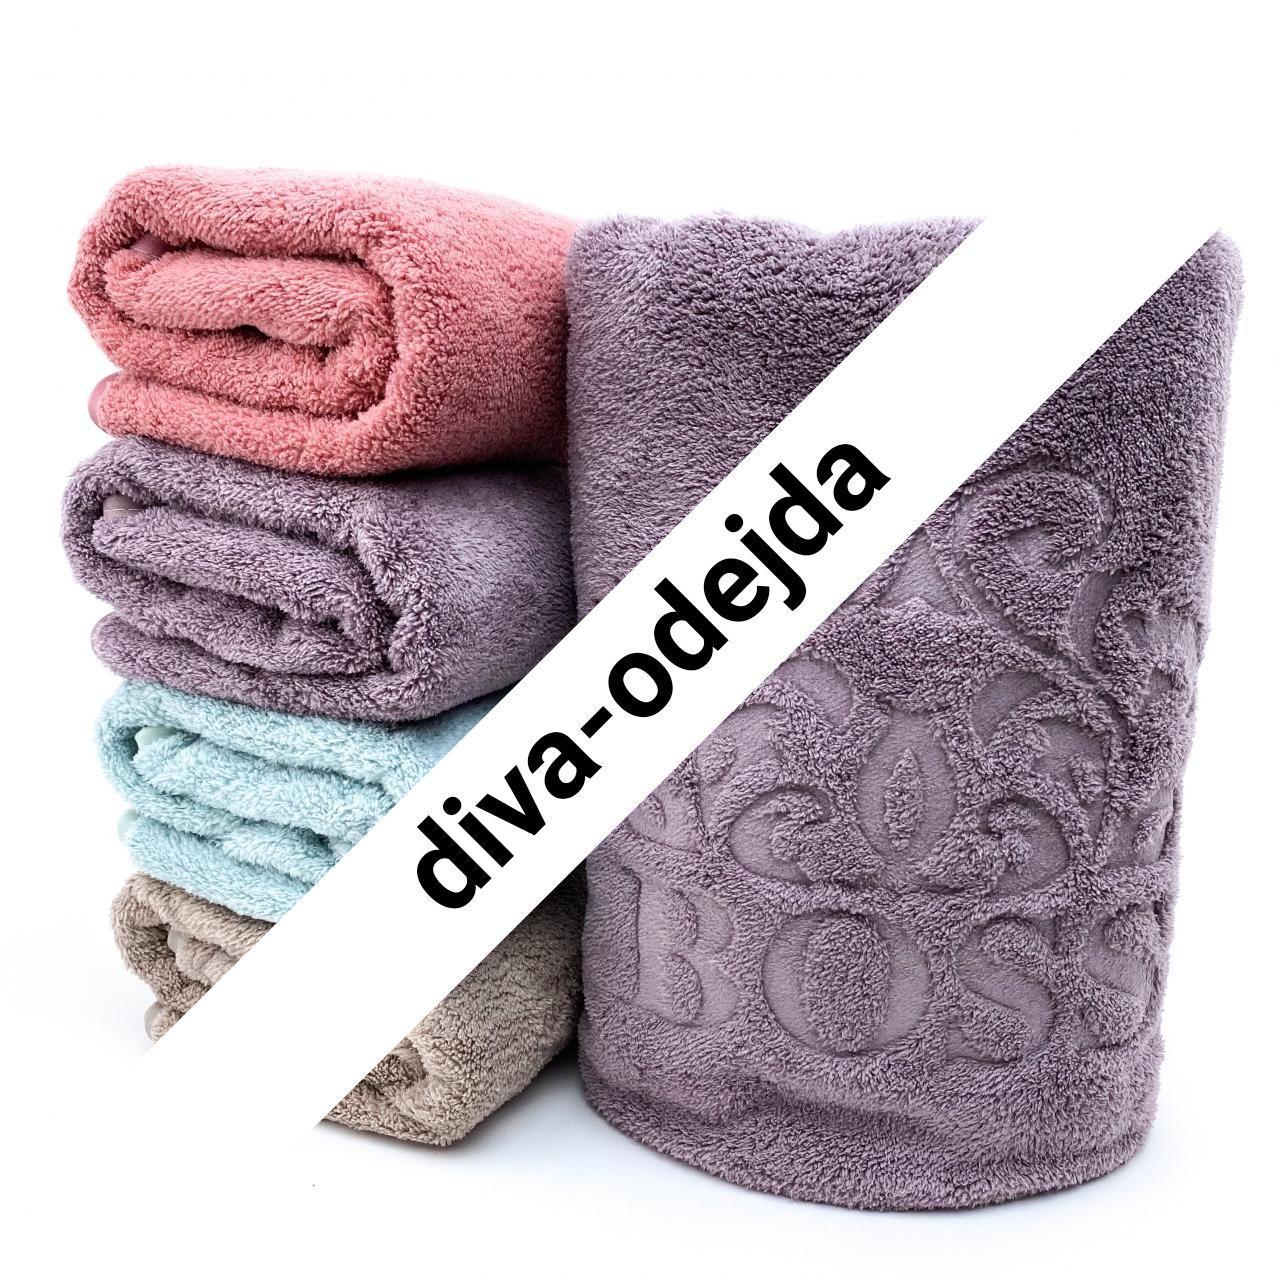 Лицевое полотенце из микрофибры с надписью.Размер:1.0 x 0.5